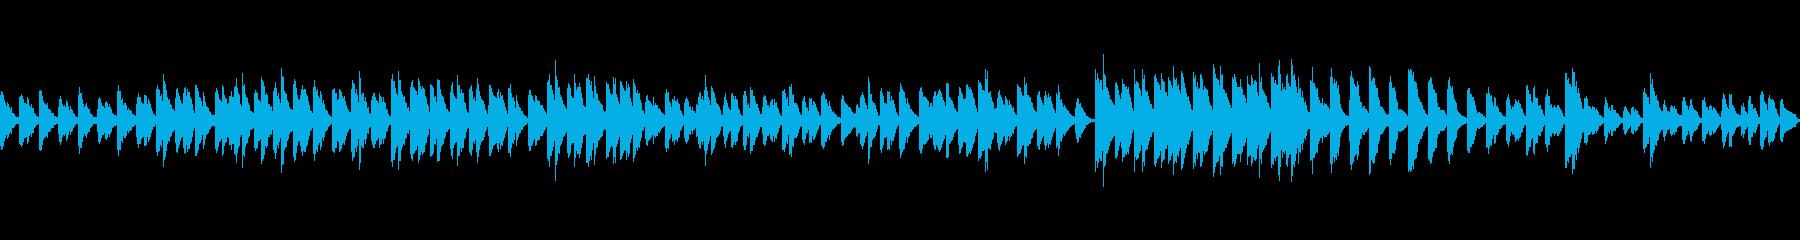 シンプルなバラード調のピアノループ素材の再生済みの波形